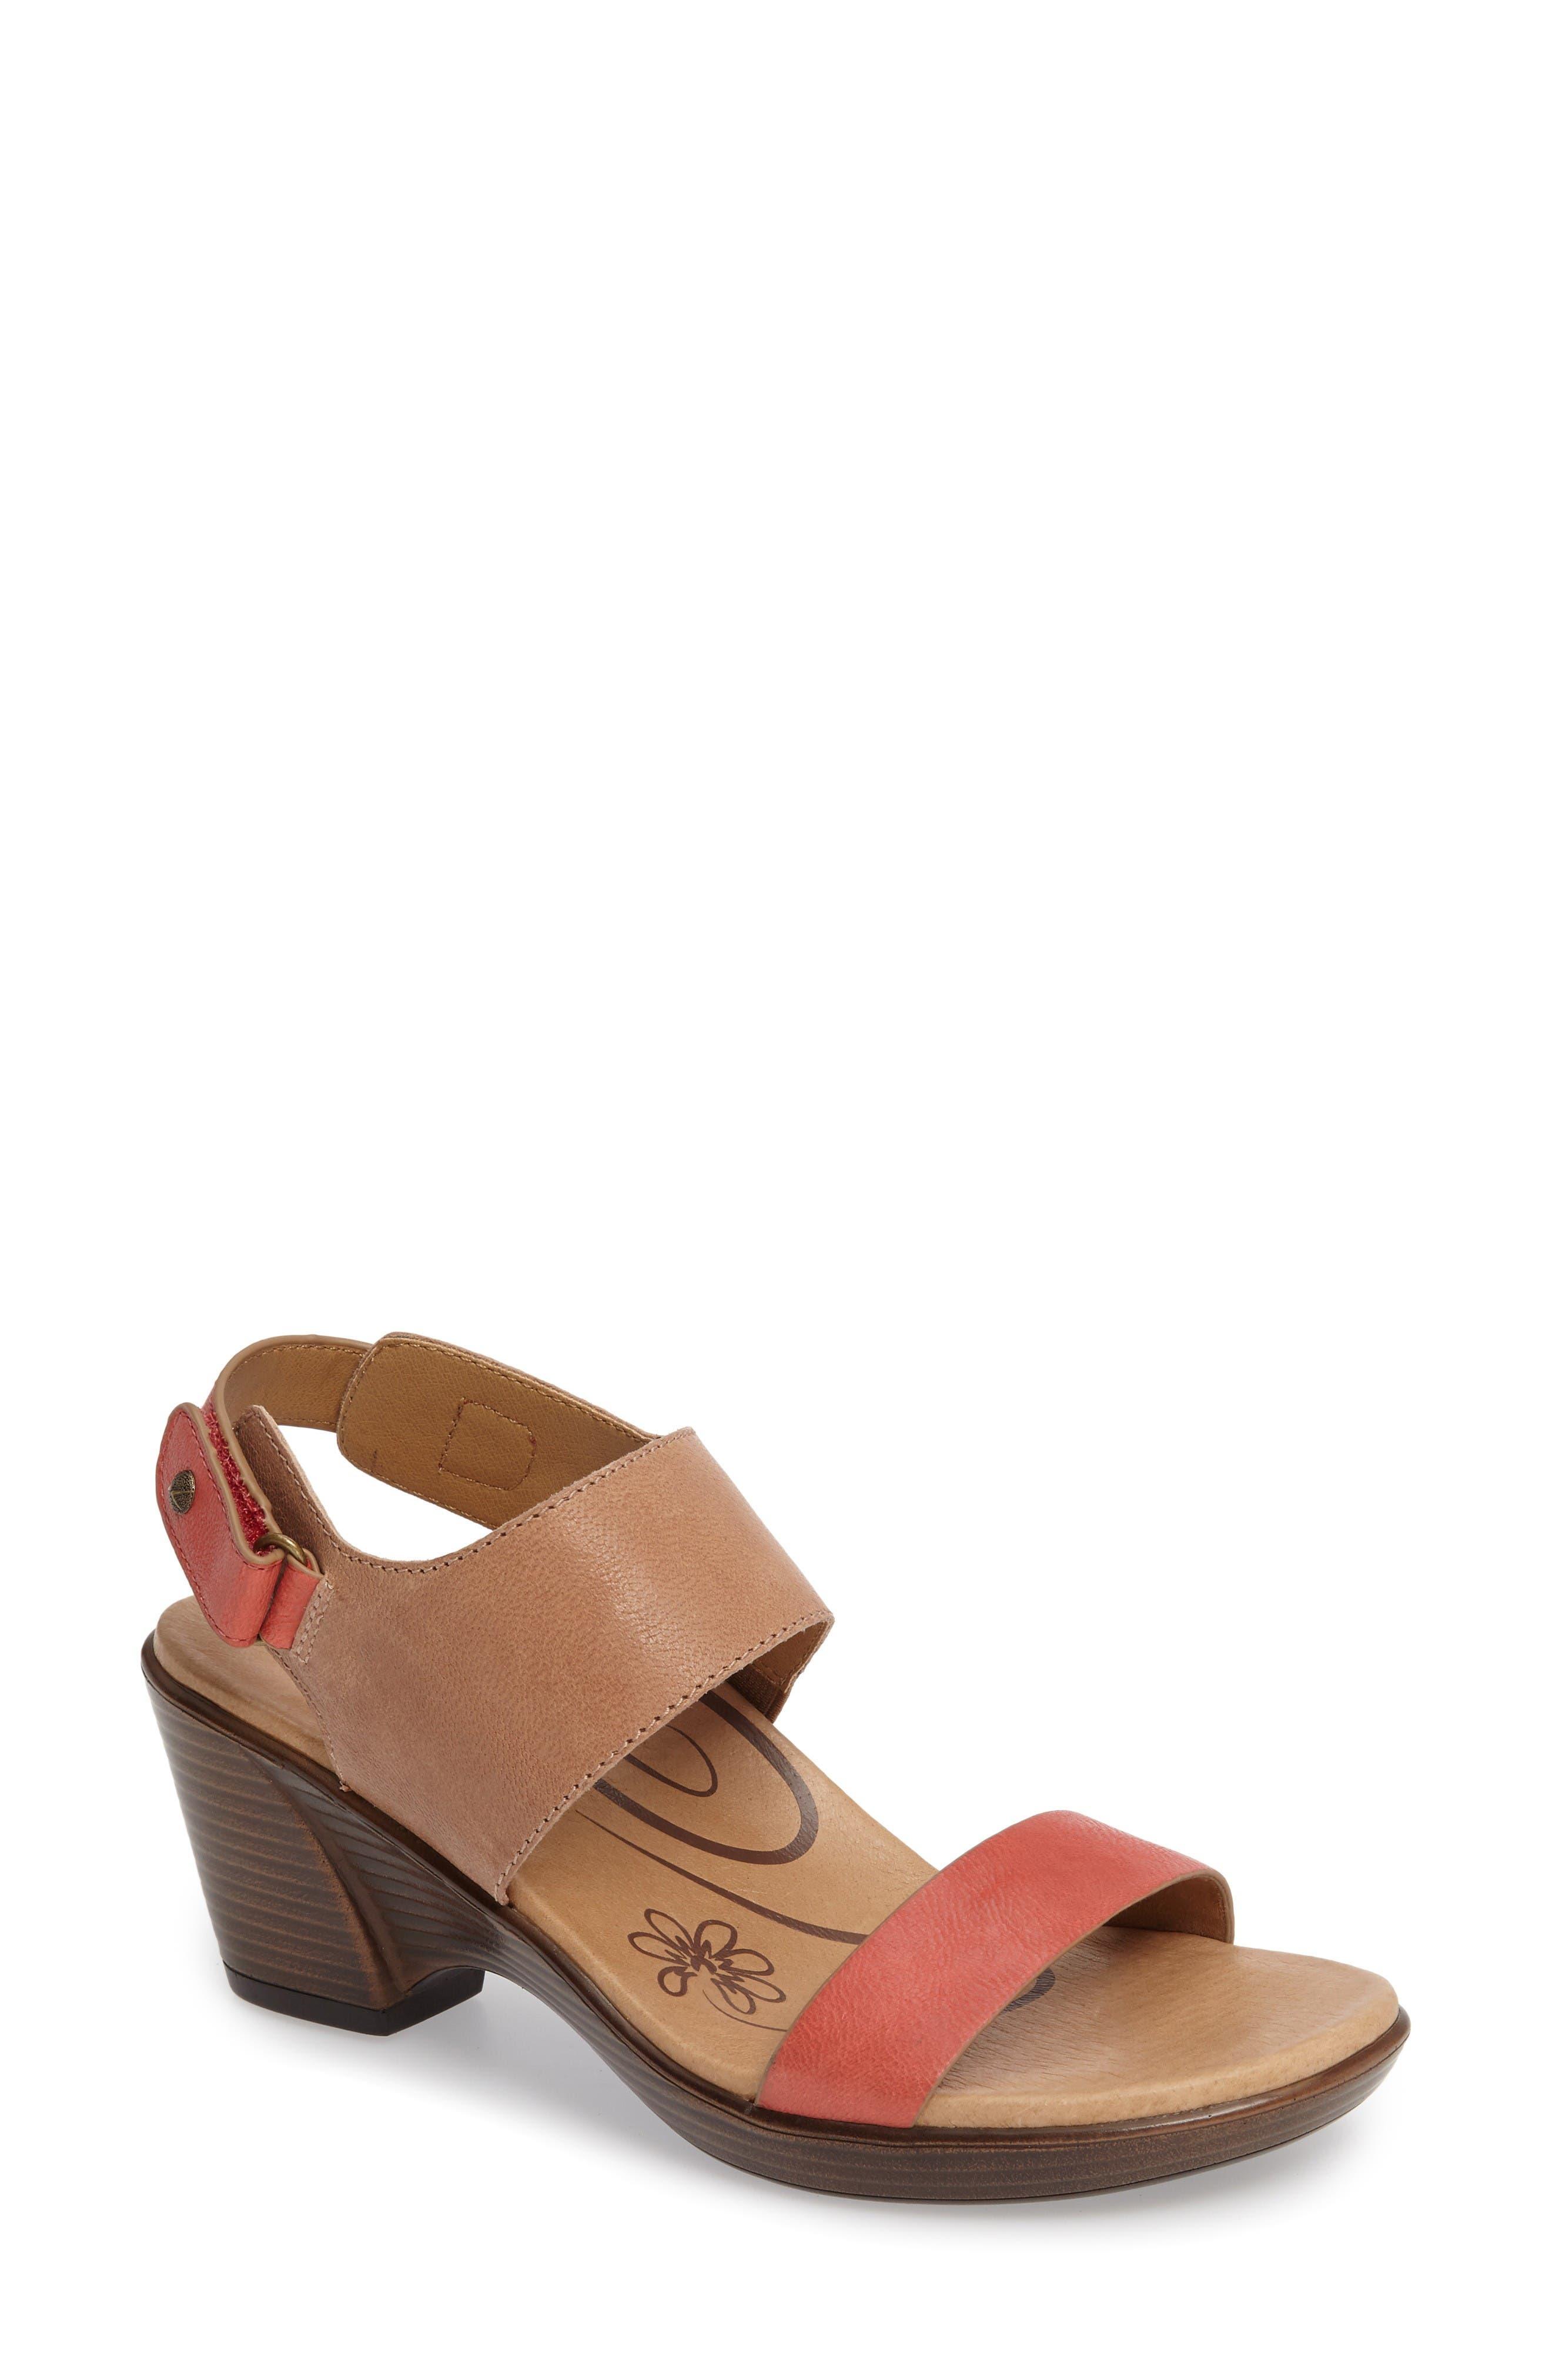 AETREX Peyton Slingback Sandal